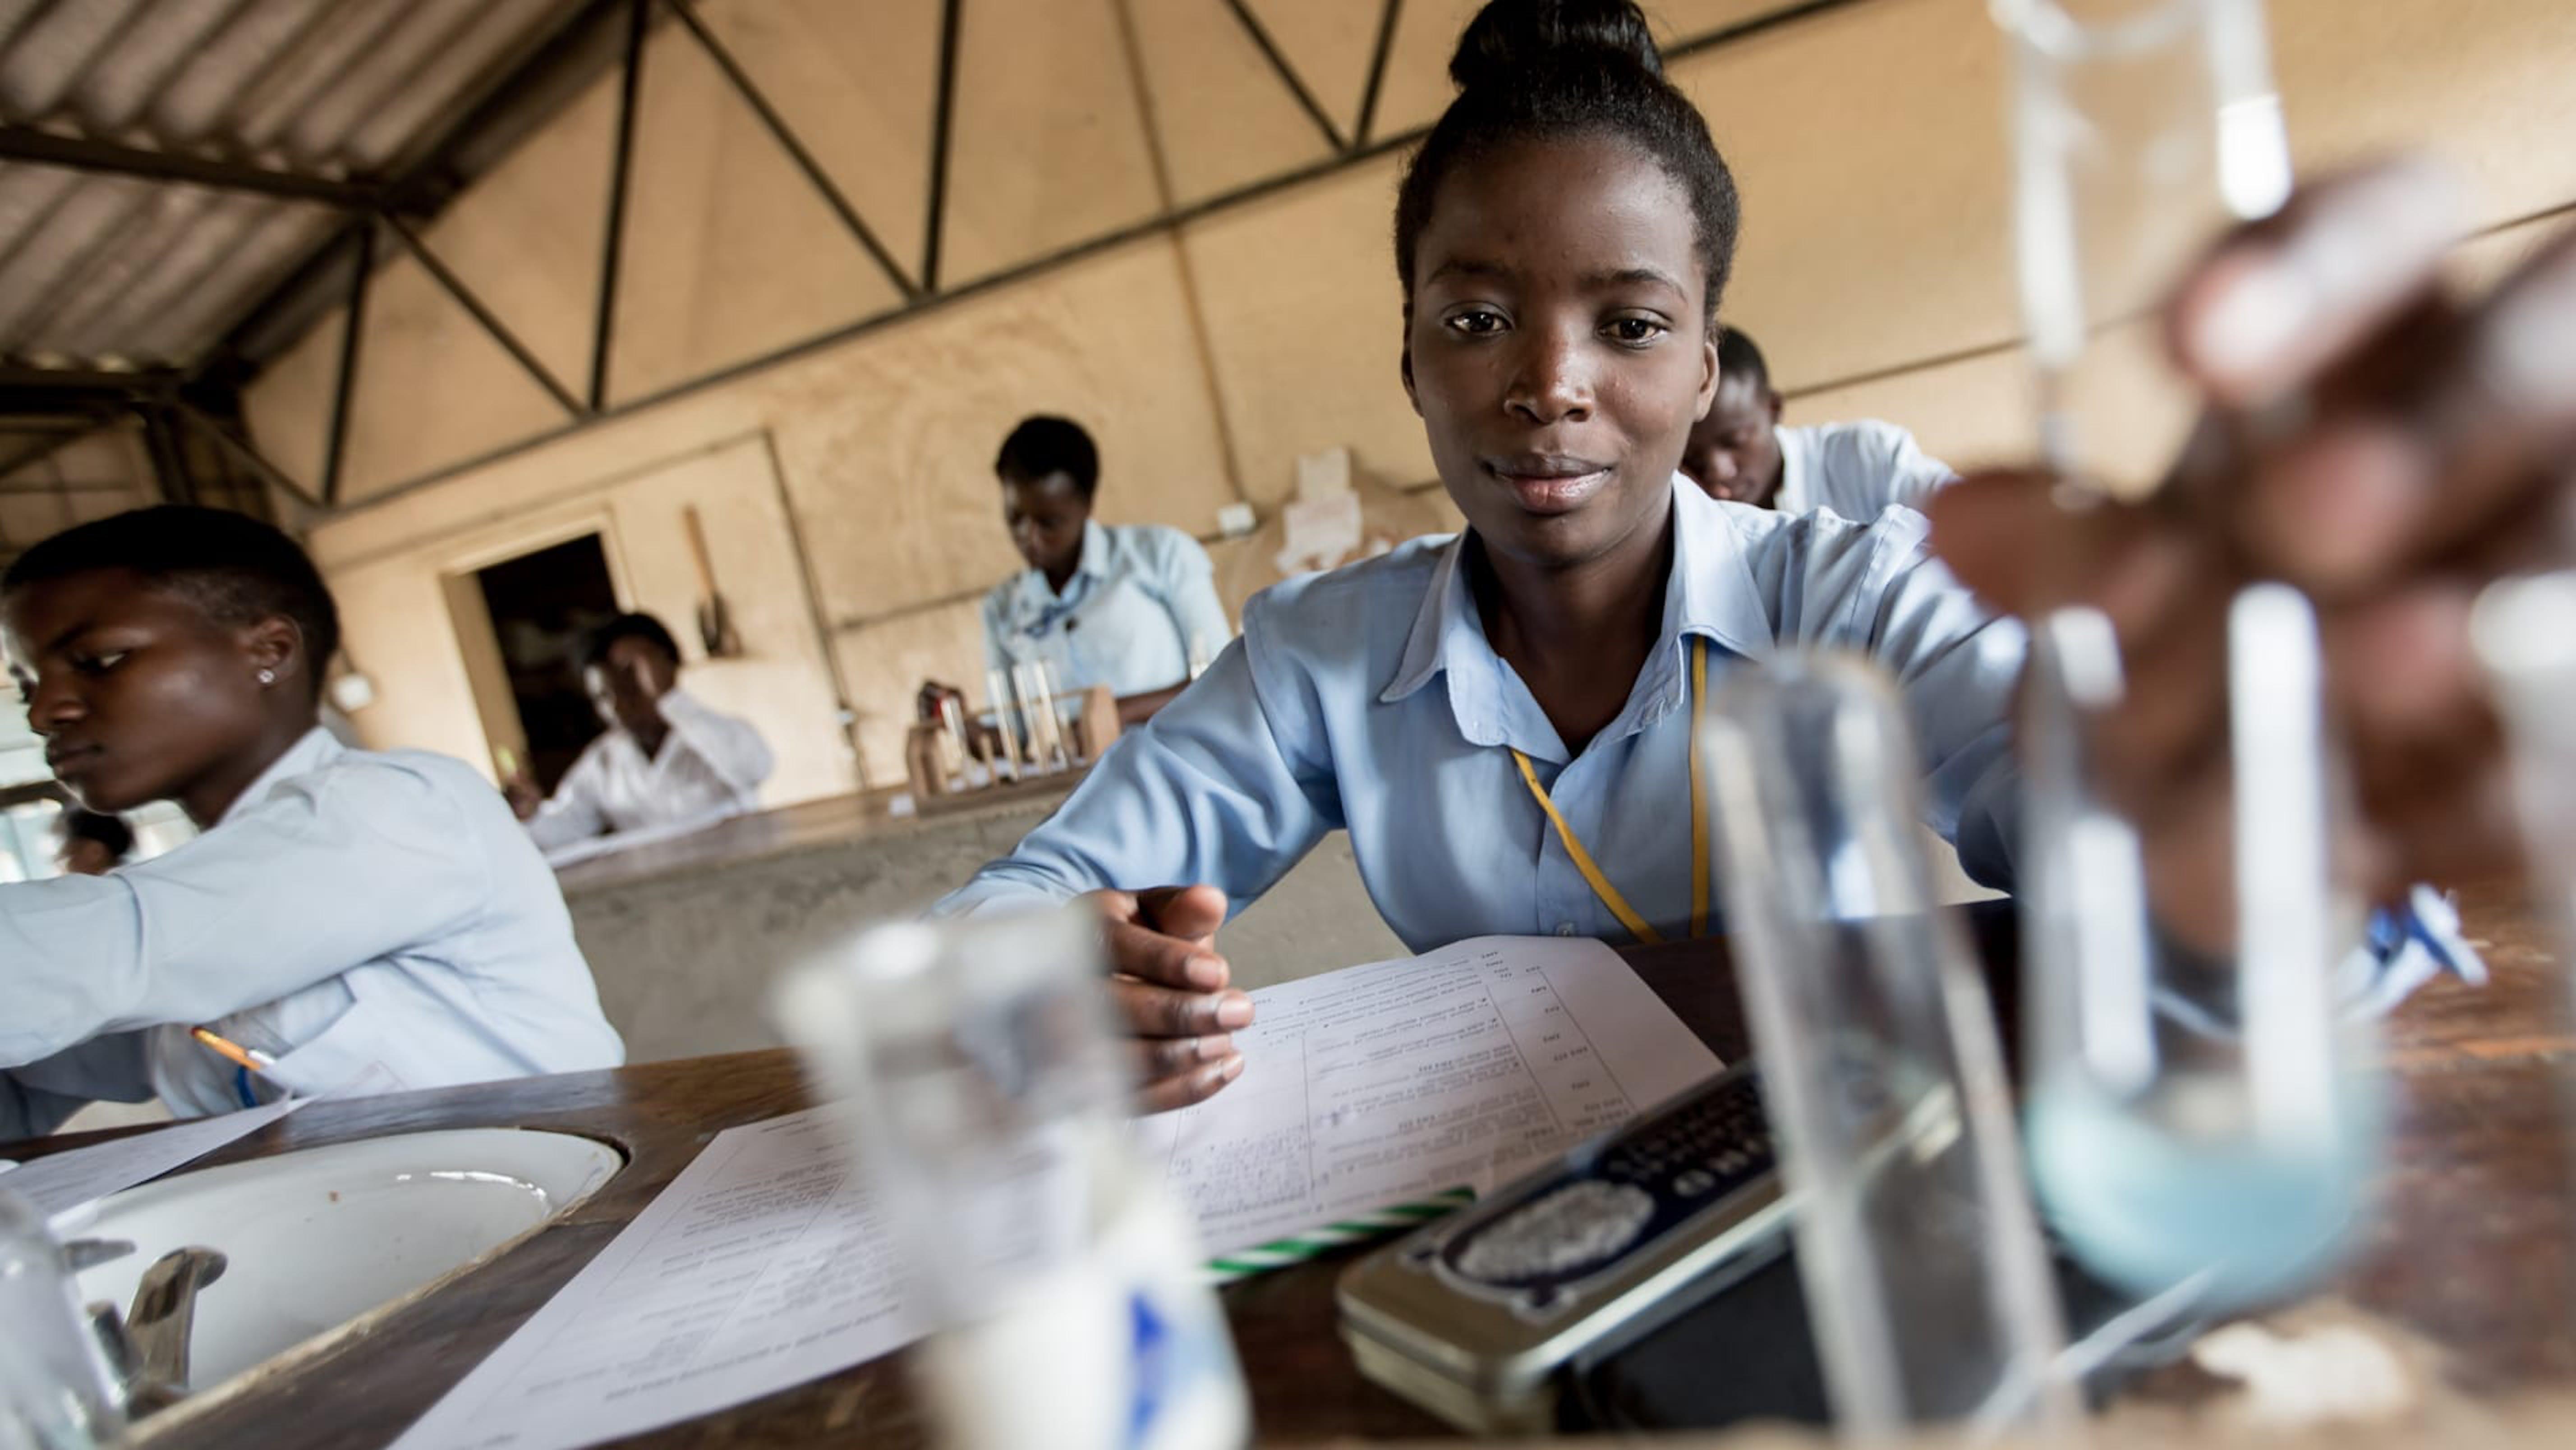 Zambia,una ragazza adolescente conduce un esperimento durante una lezione di chimica.